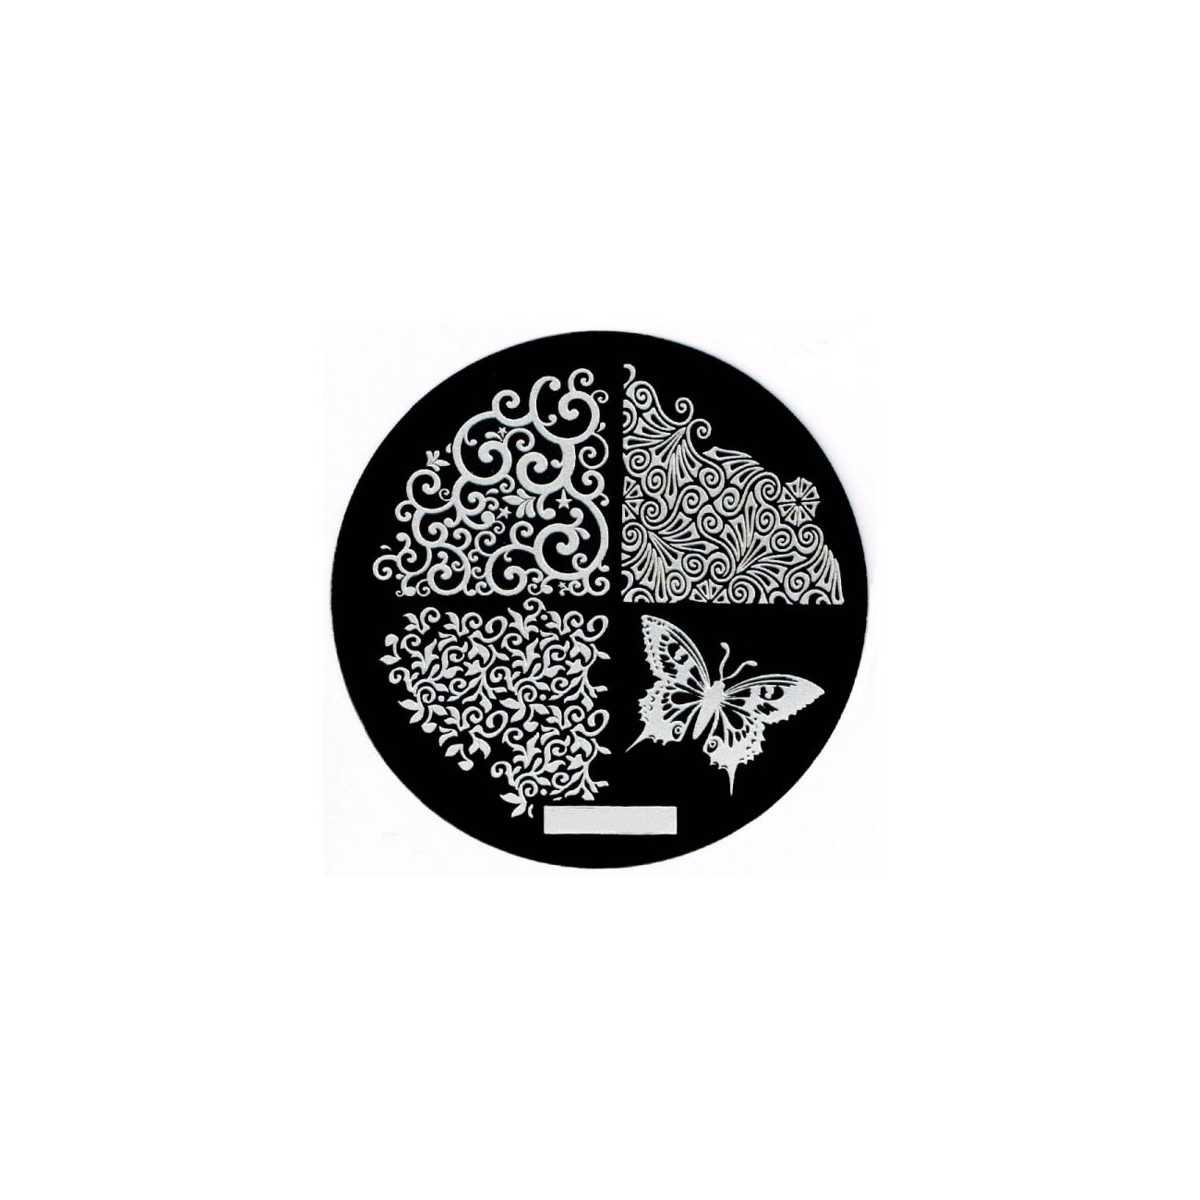 https://www.kit-manucure.com/826-thickbox_default/plaque-de-stamping-papillon-et-arabesques.jpg